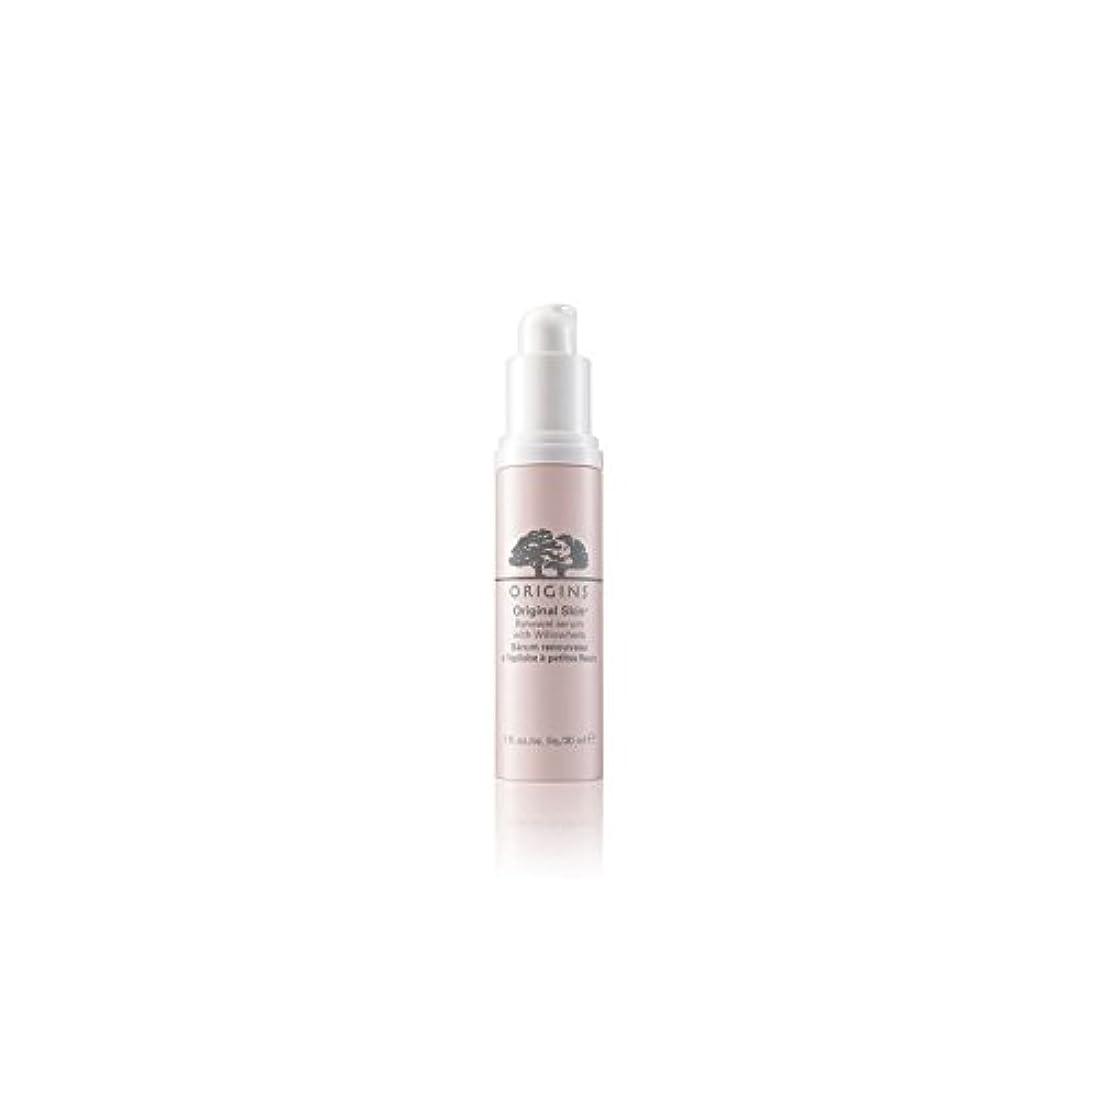 ポンプトラクターインタラクションOrigins Original Skin Renewal Serum With Willowherb 30ml - 30ミリリットルとの起源は、オリジナルスキンリニューアル血清 [並行輸入品]